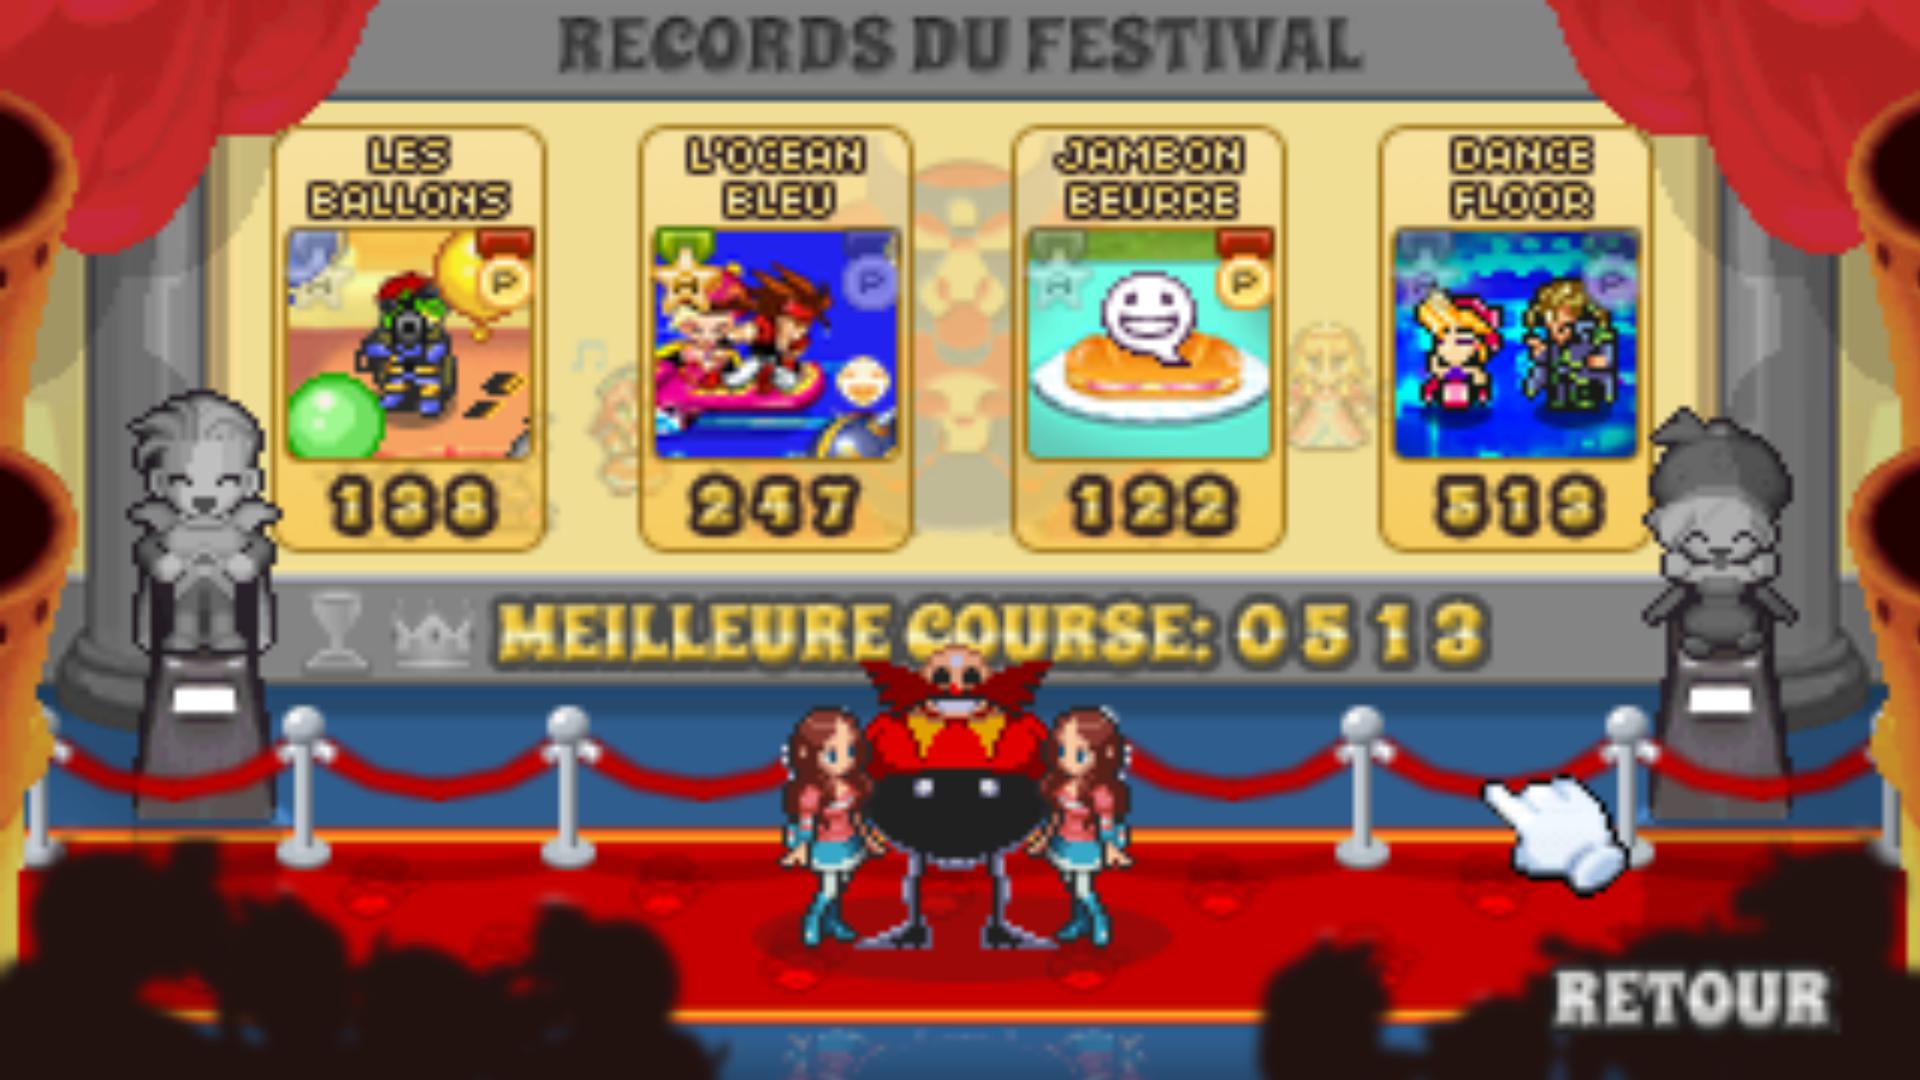 [Jeu] E-M Le Festival des Couleurs - Page 3 1479235165013072900